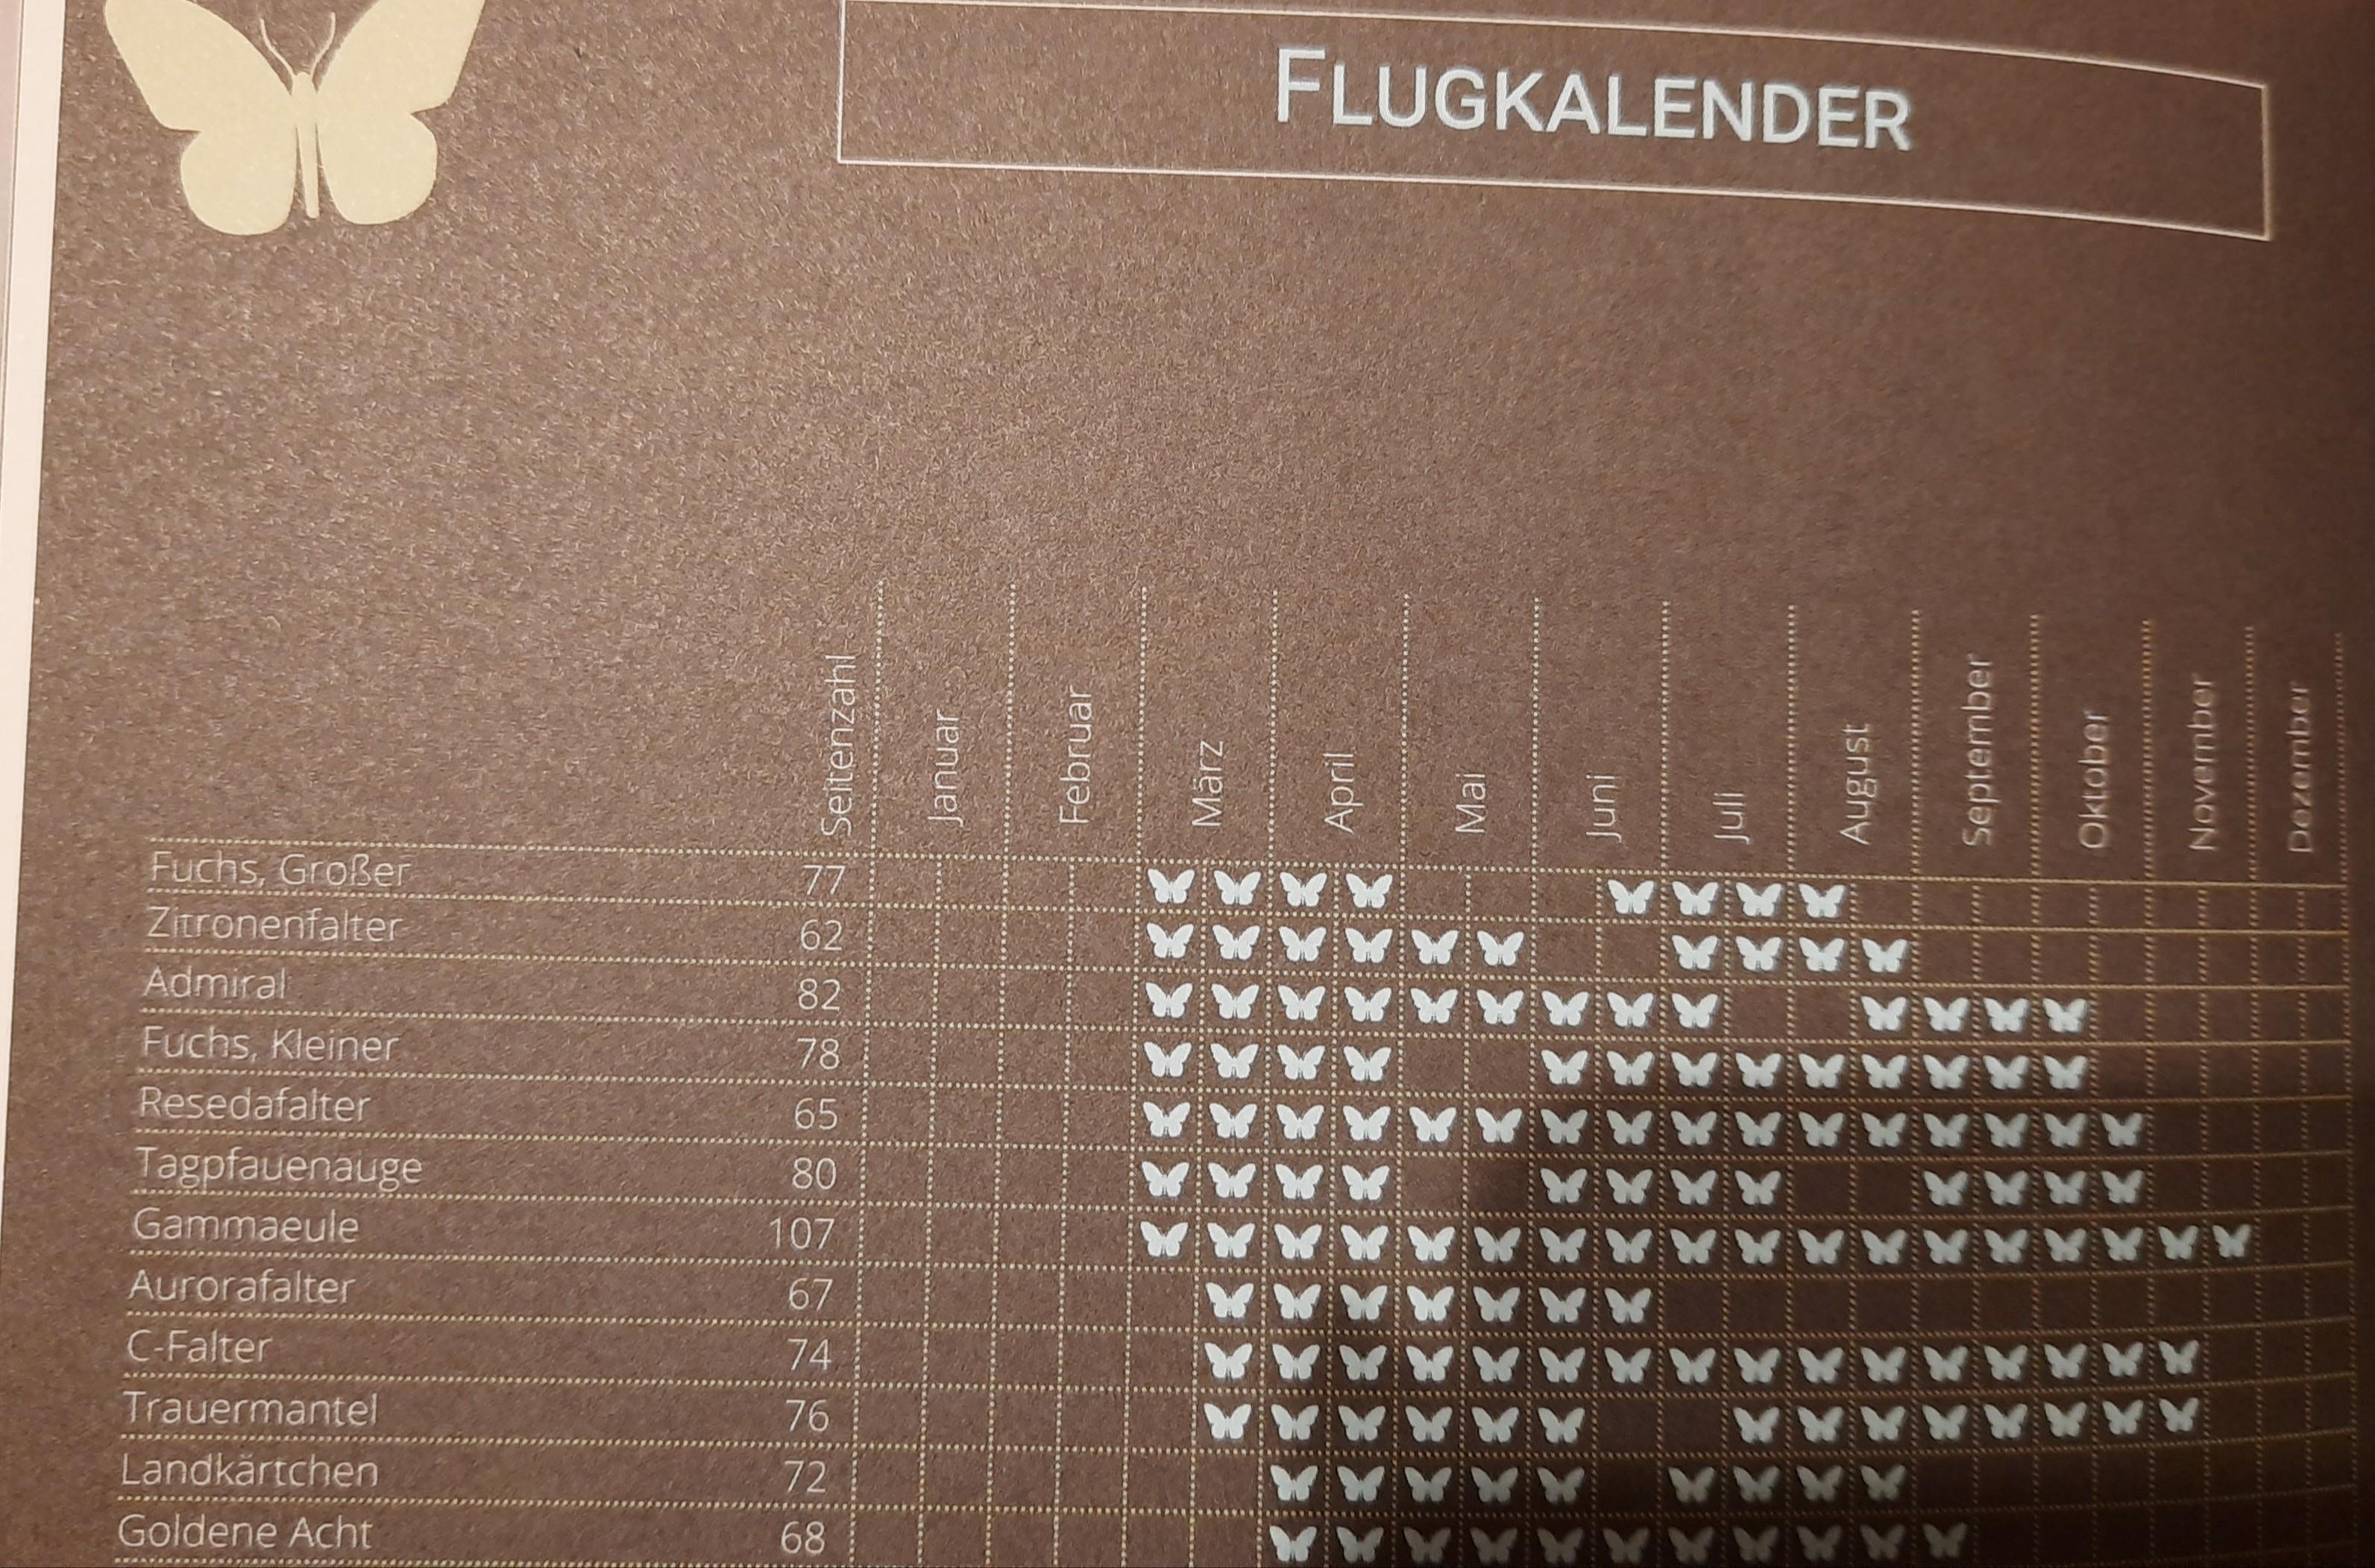 Flugkalender